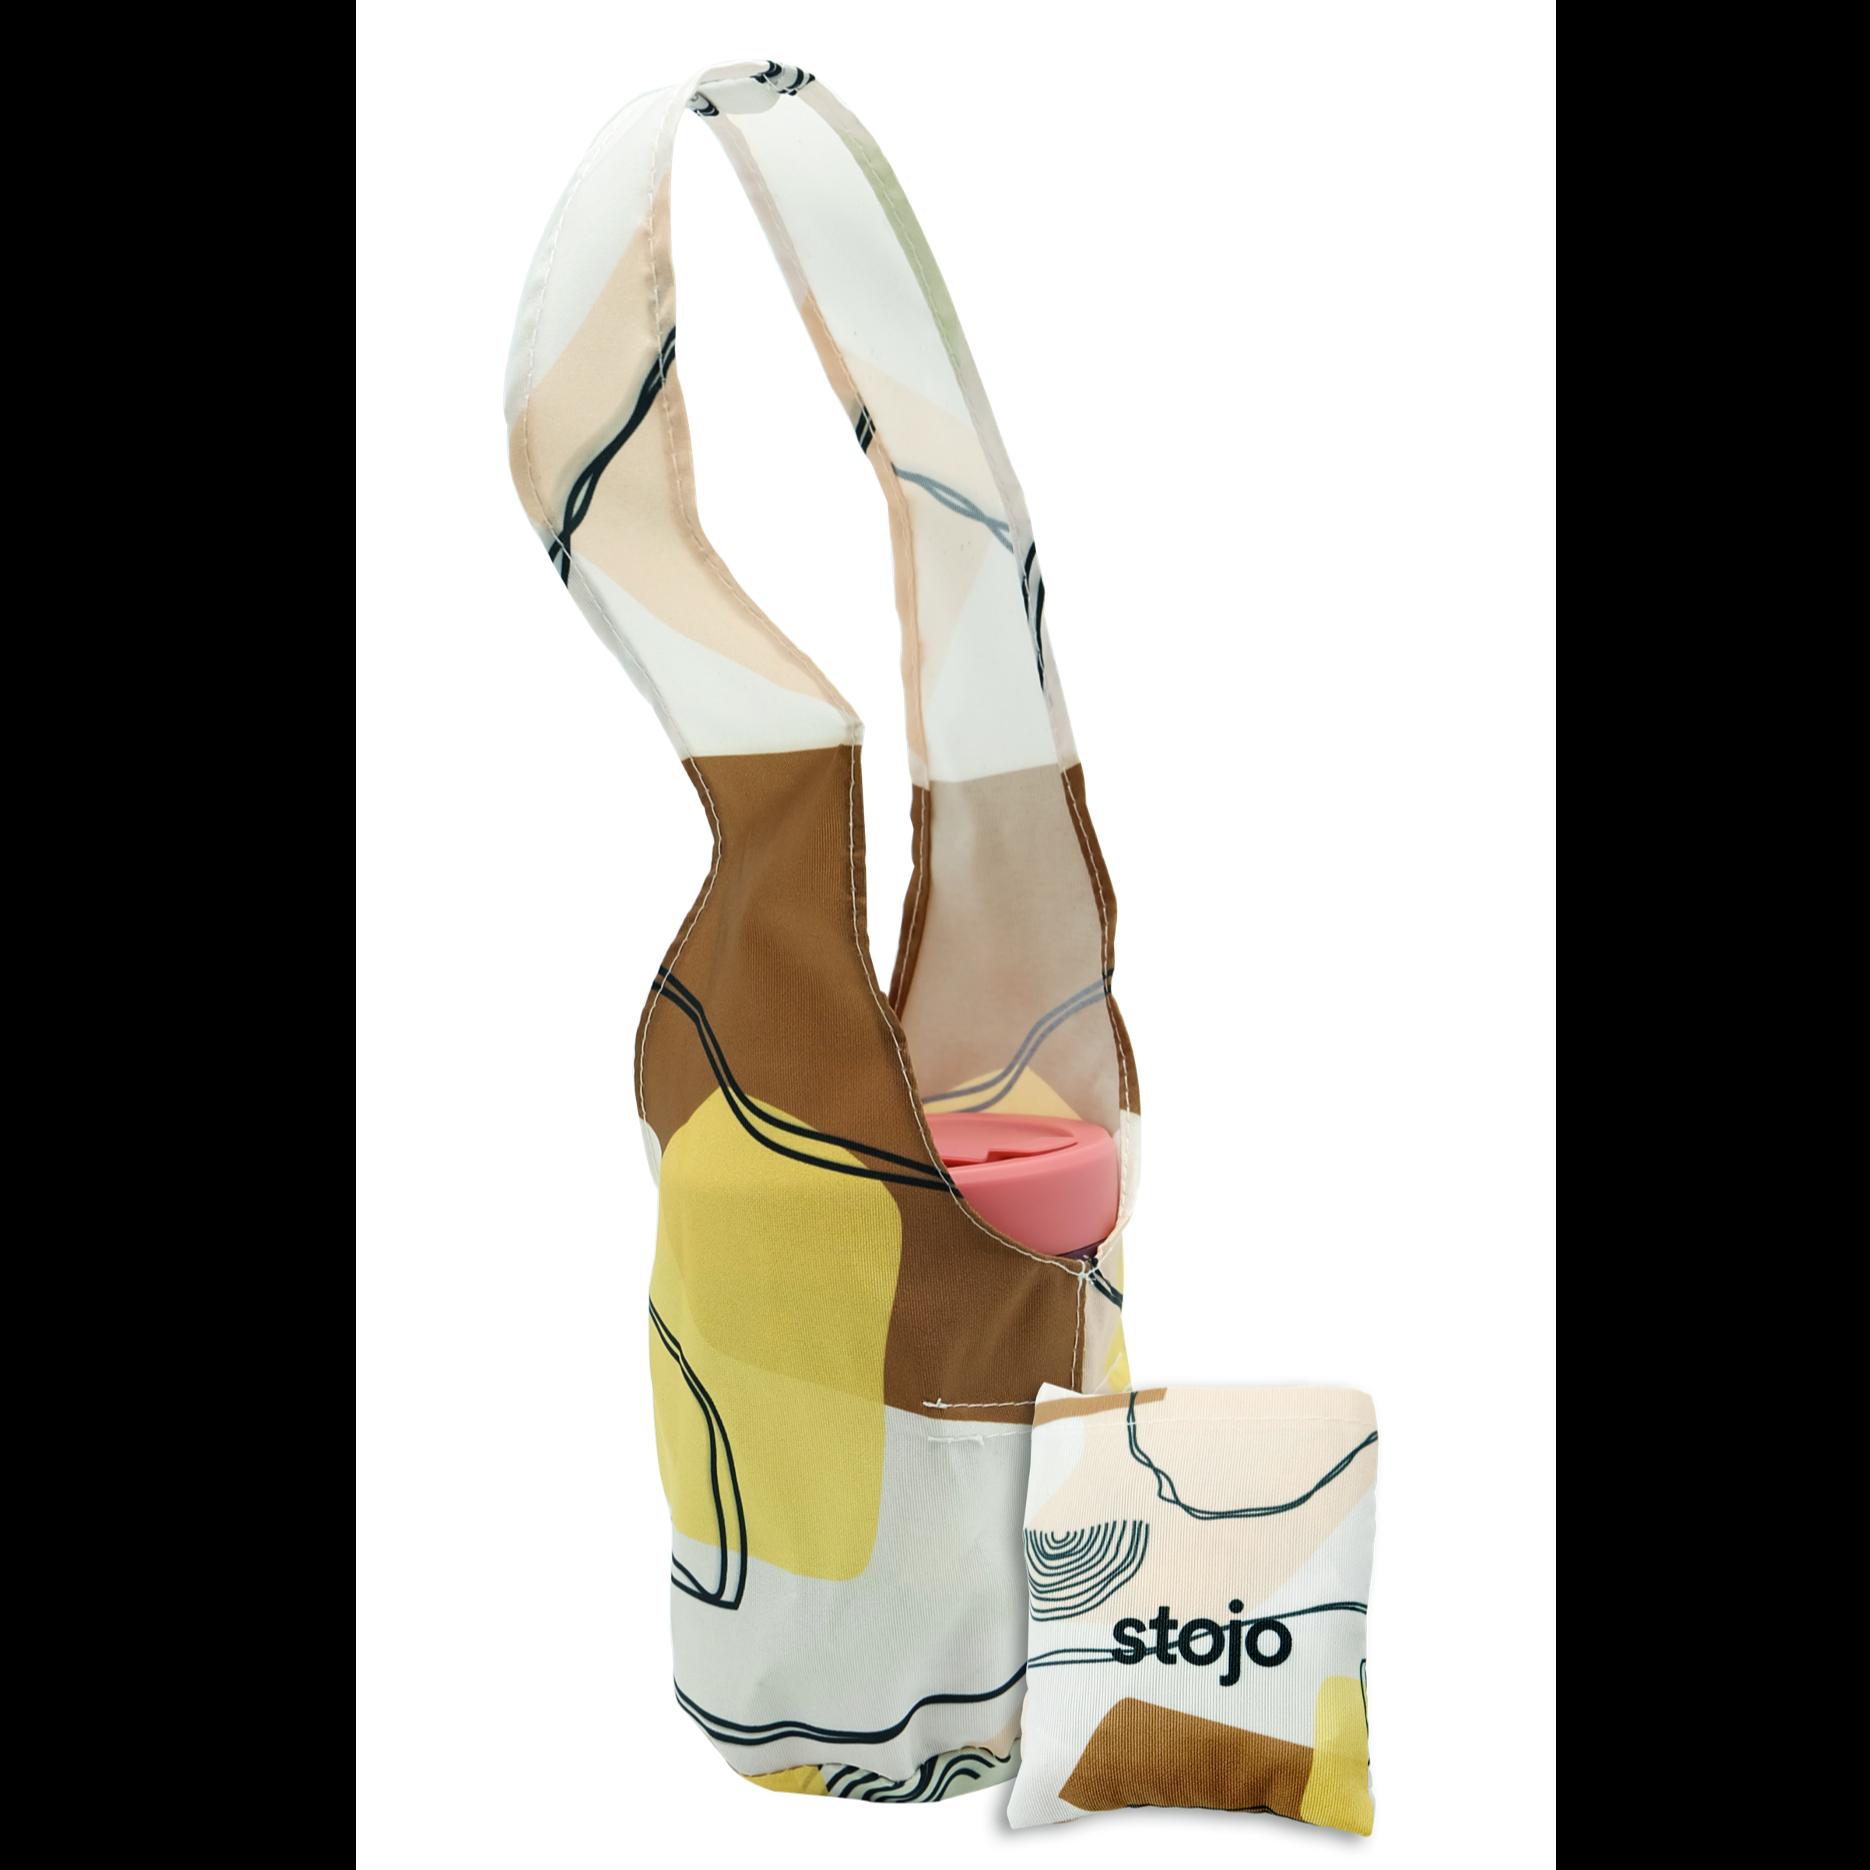 Stojo - Cup Bag Choco